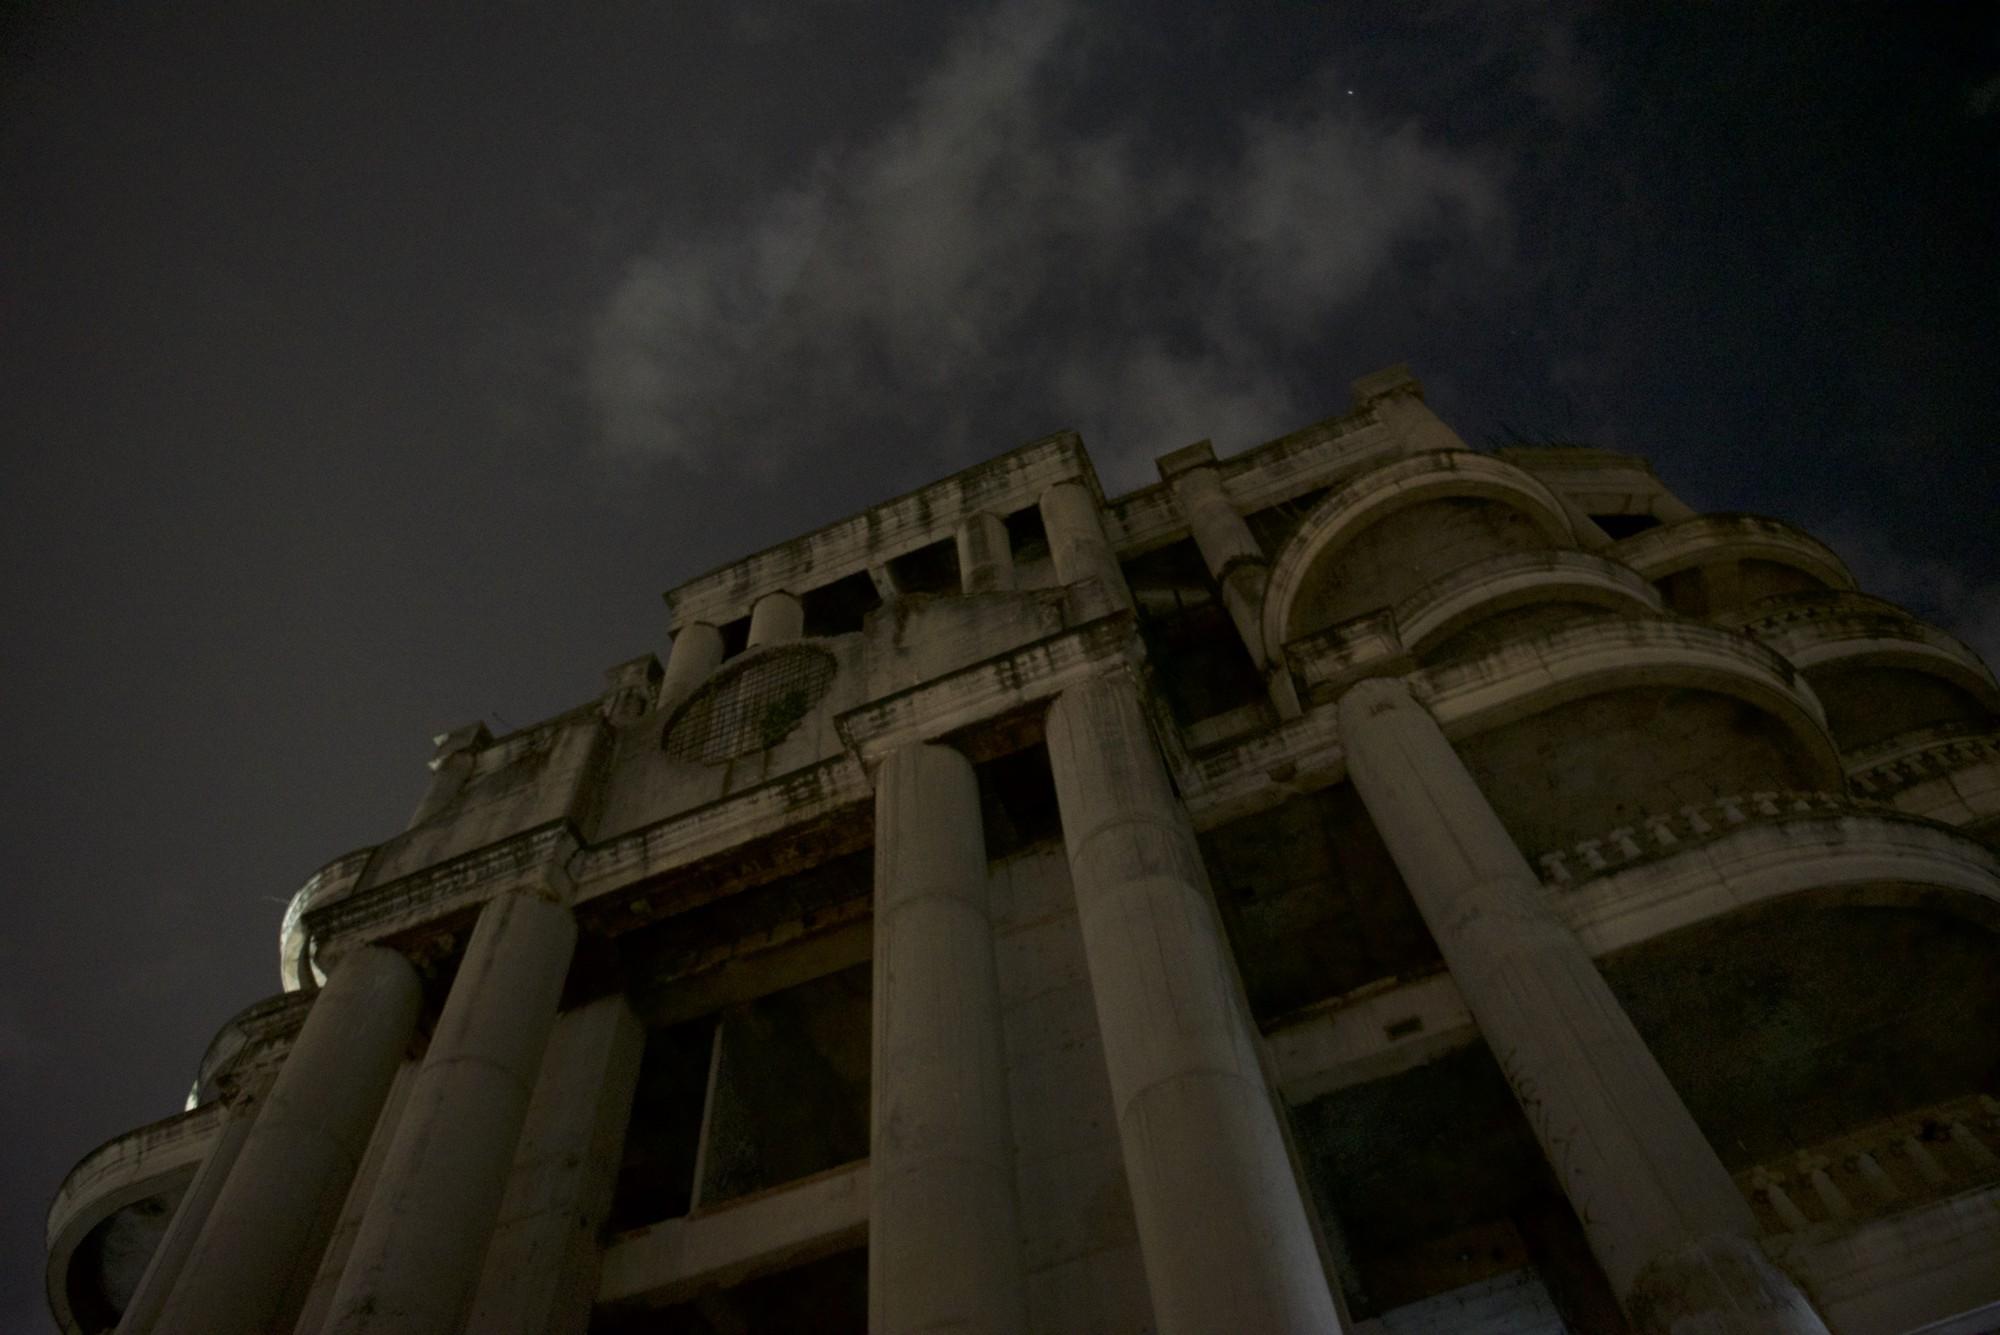 The Promise: Những sự thật rùng rợn về tòa nhà ma ám nổi tiếng nhất Thái Lan - Ảnh 1.